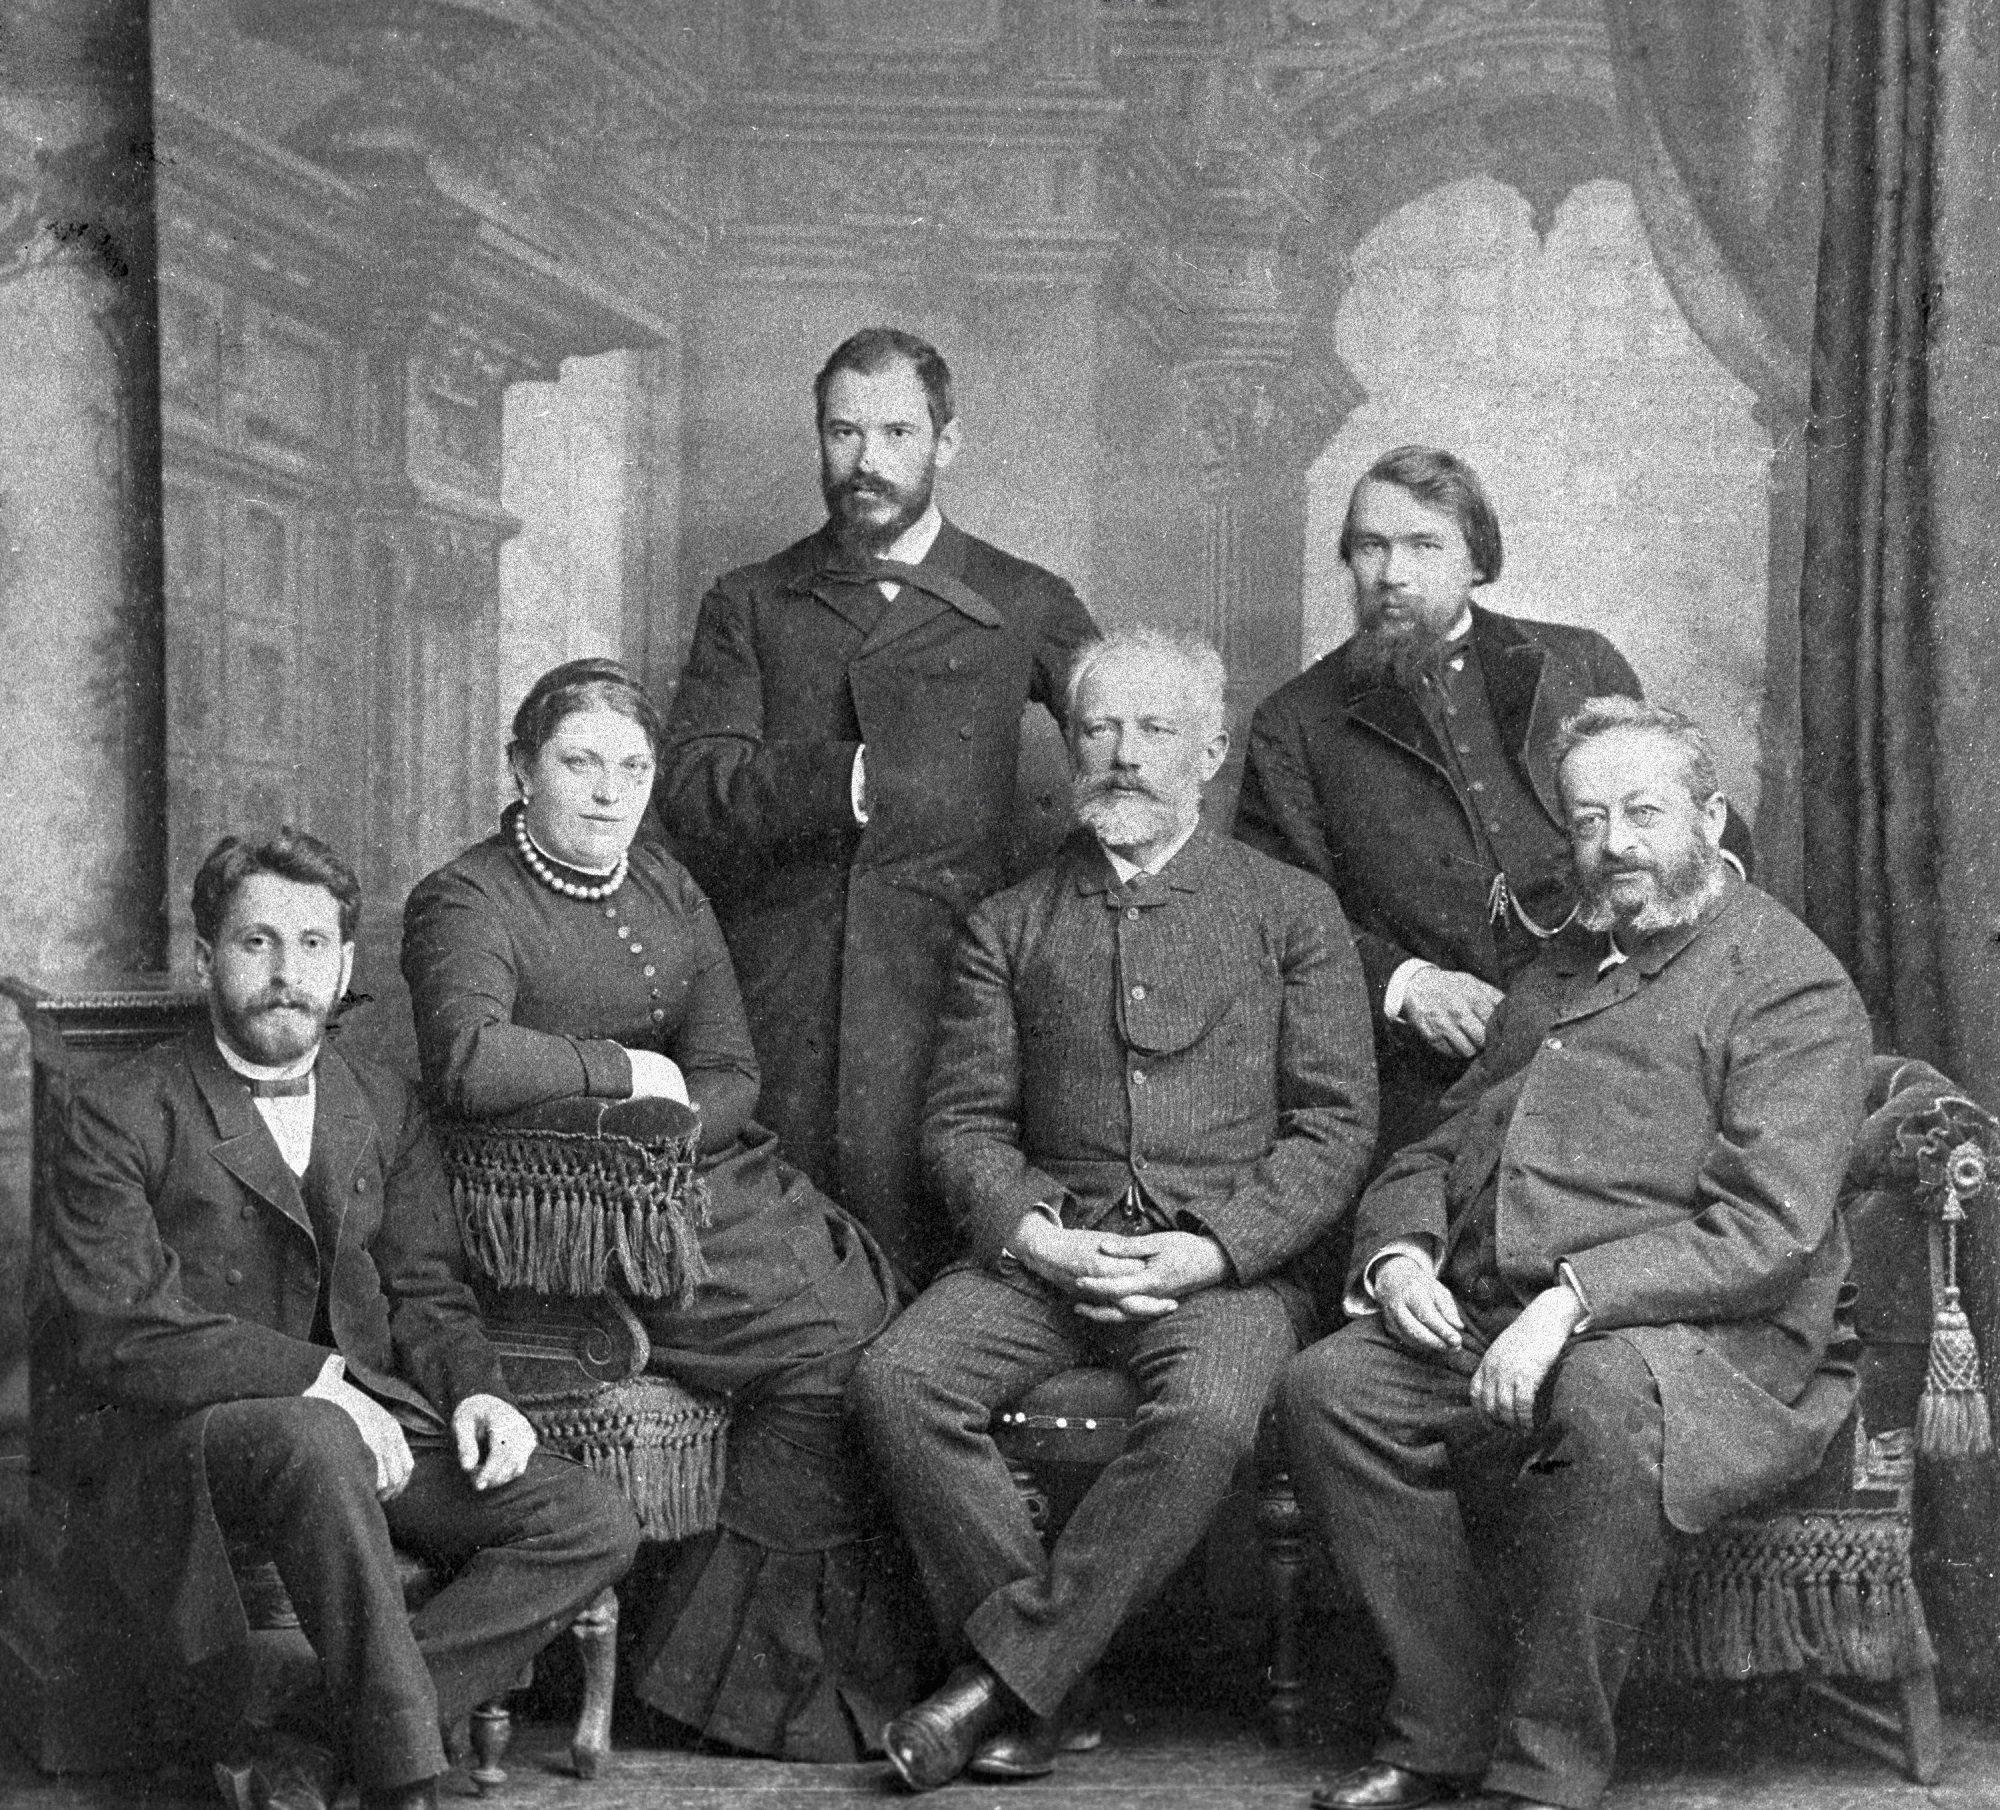 Композитор Петр Чайковский (второй справа на первом плане) среди педагогов Тифлисского музыкального училища. 1887-й год